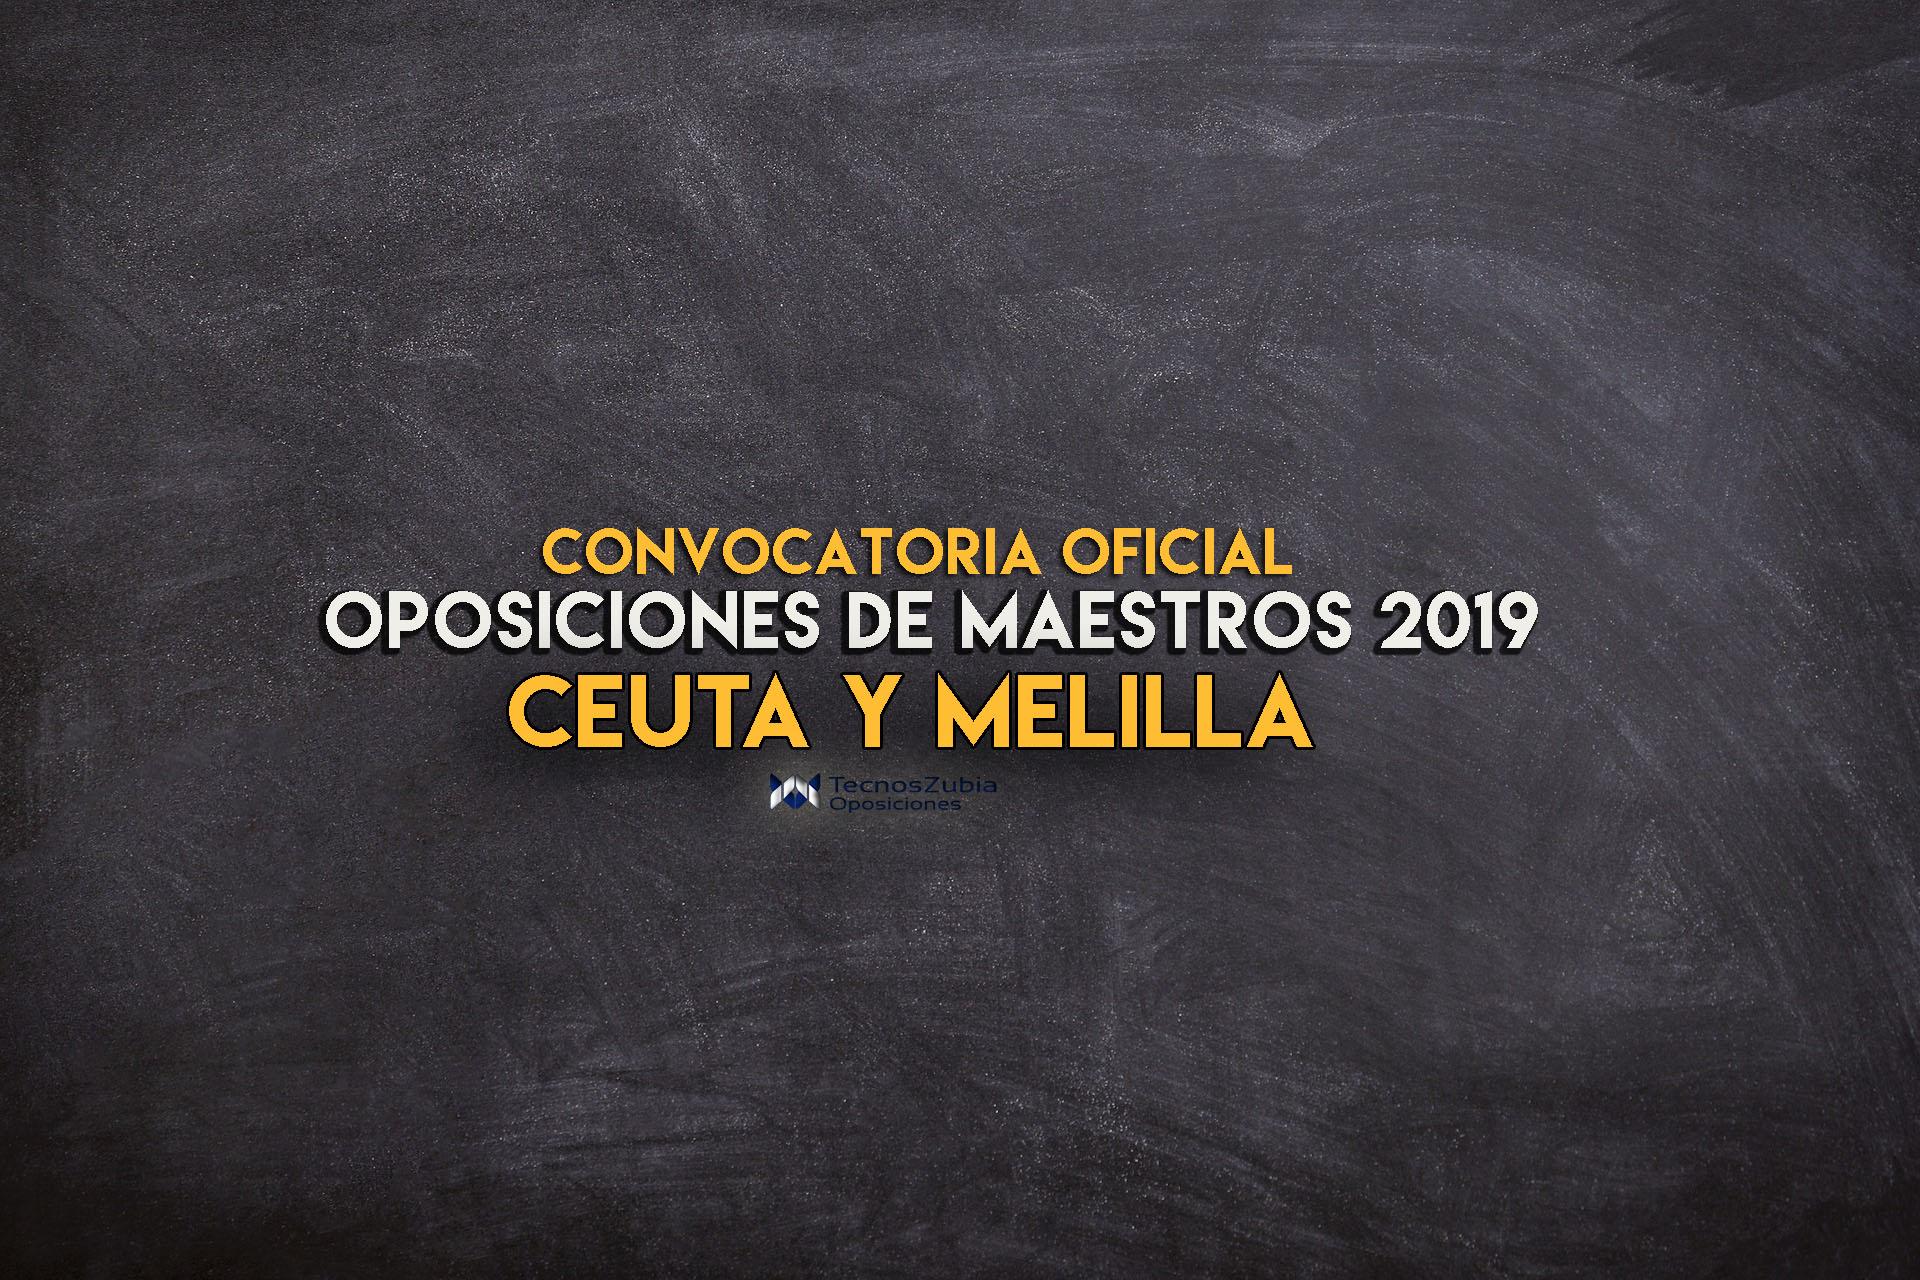 Oposiciones de maestros Ceuta y Melilla